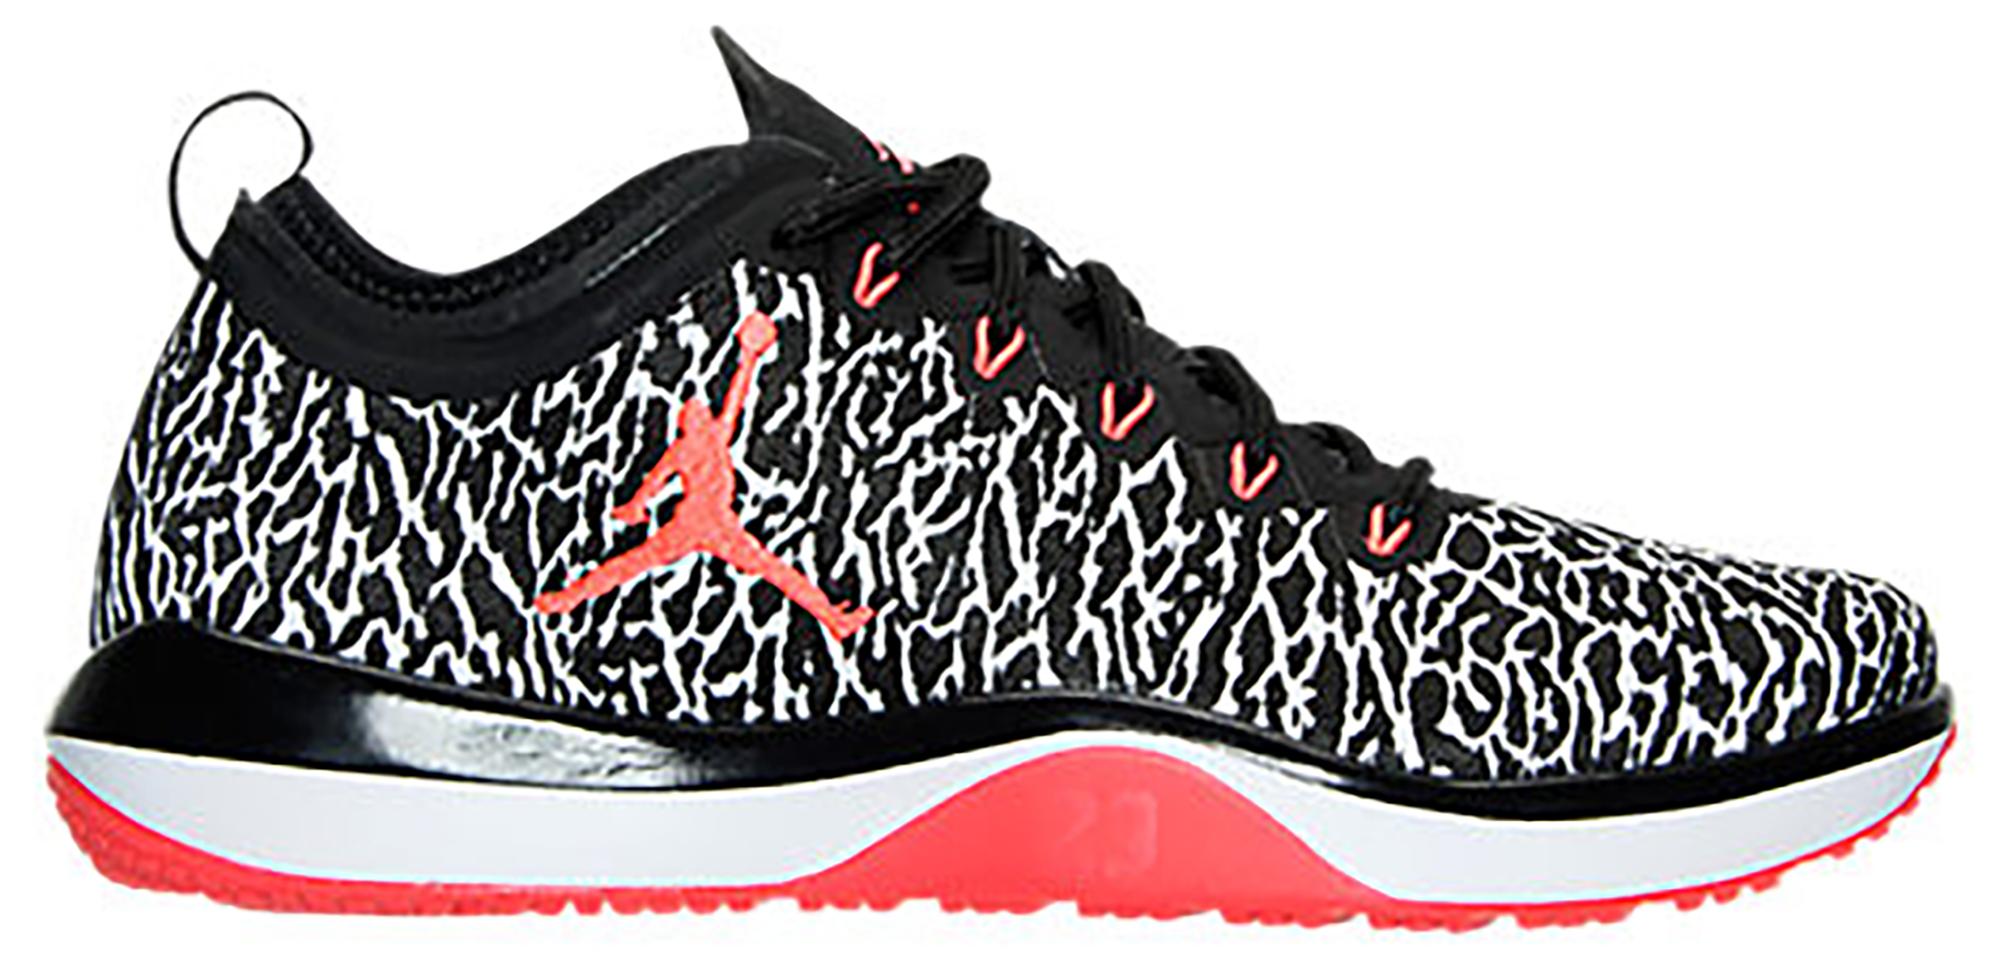 Jordan Trainer 1 Low Black Infrared 23